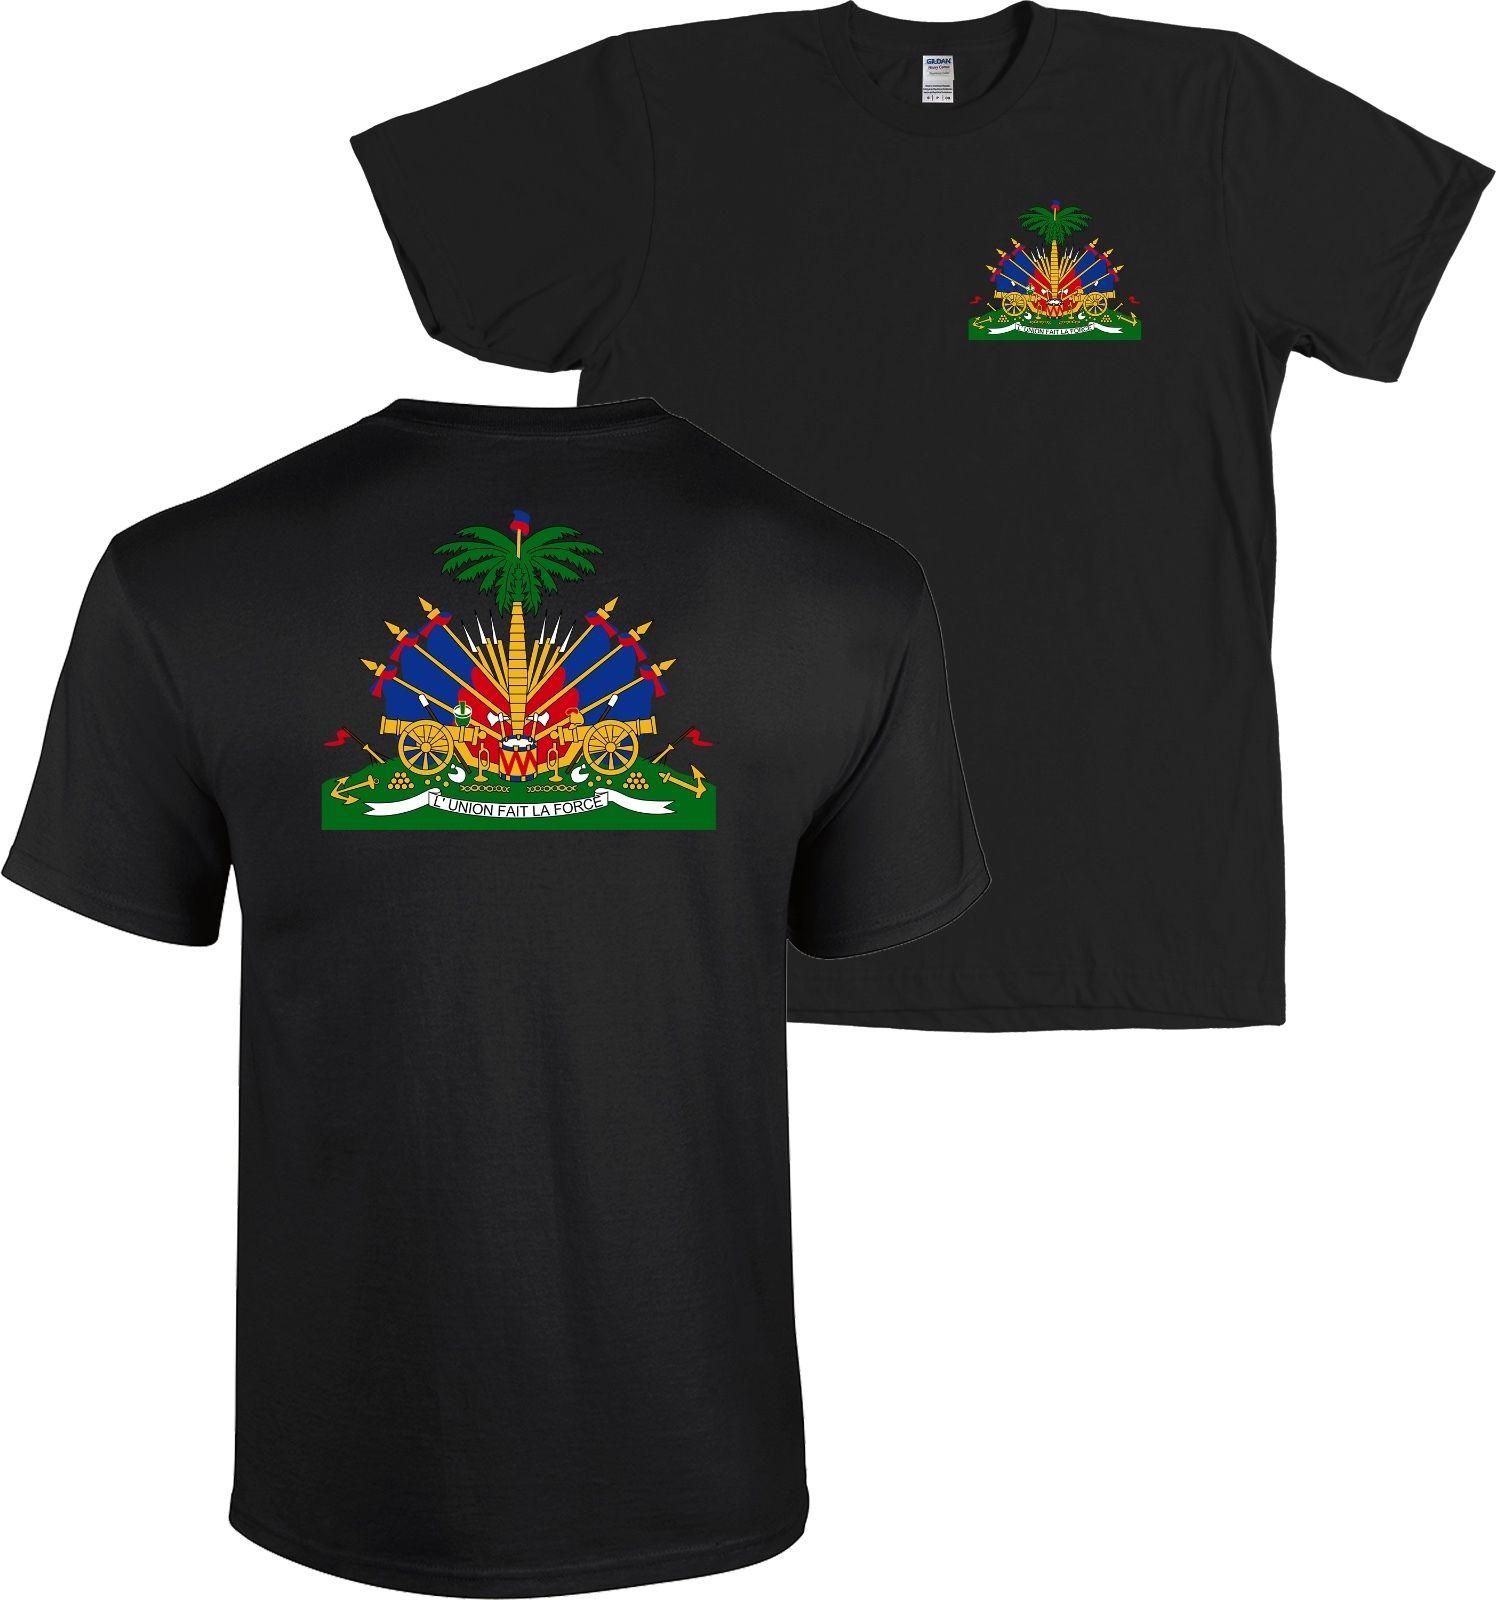 Haiti Coat of Arms Front & Back Print T Shirt Haitian Caribbean Republic - NEW